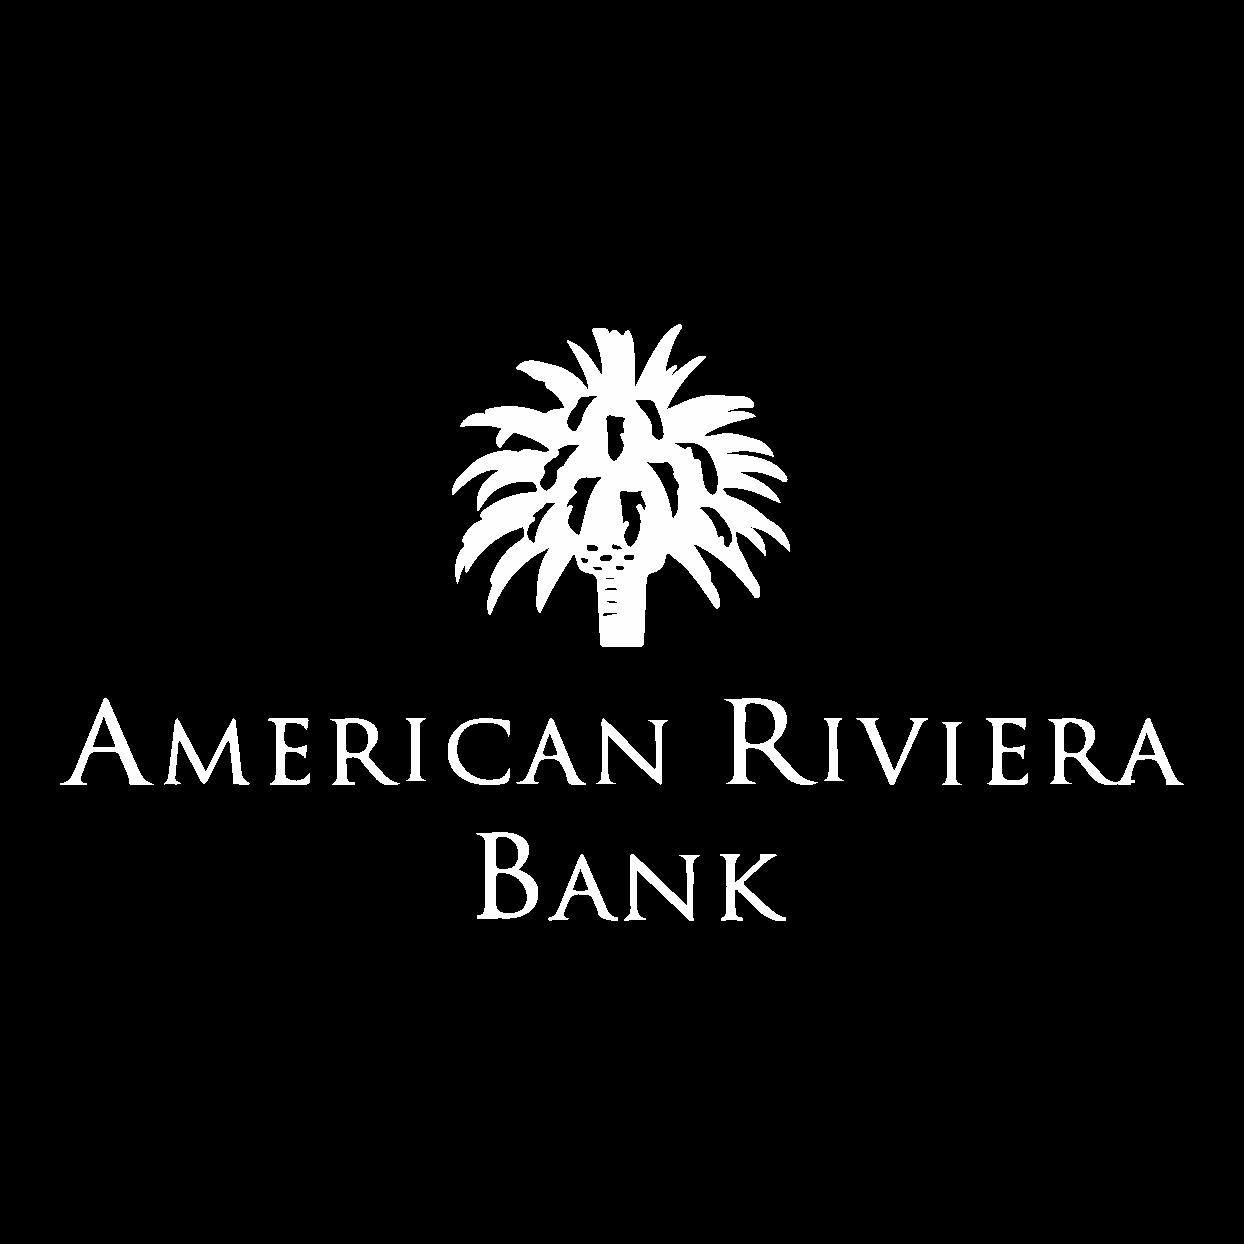 logo-american-riviera-bank-white@2x.png